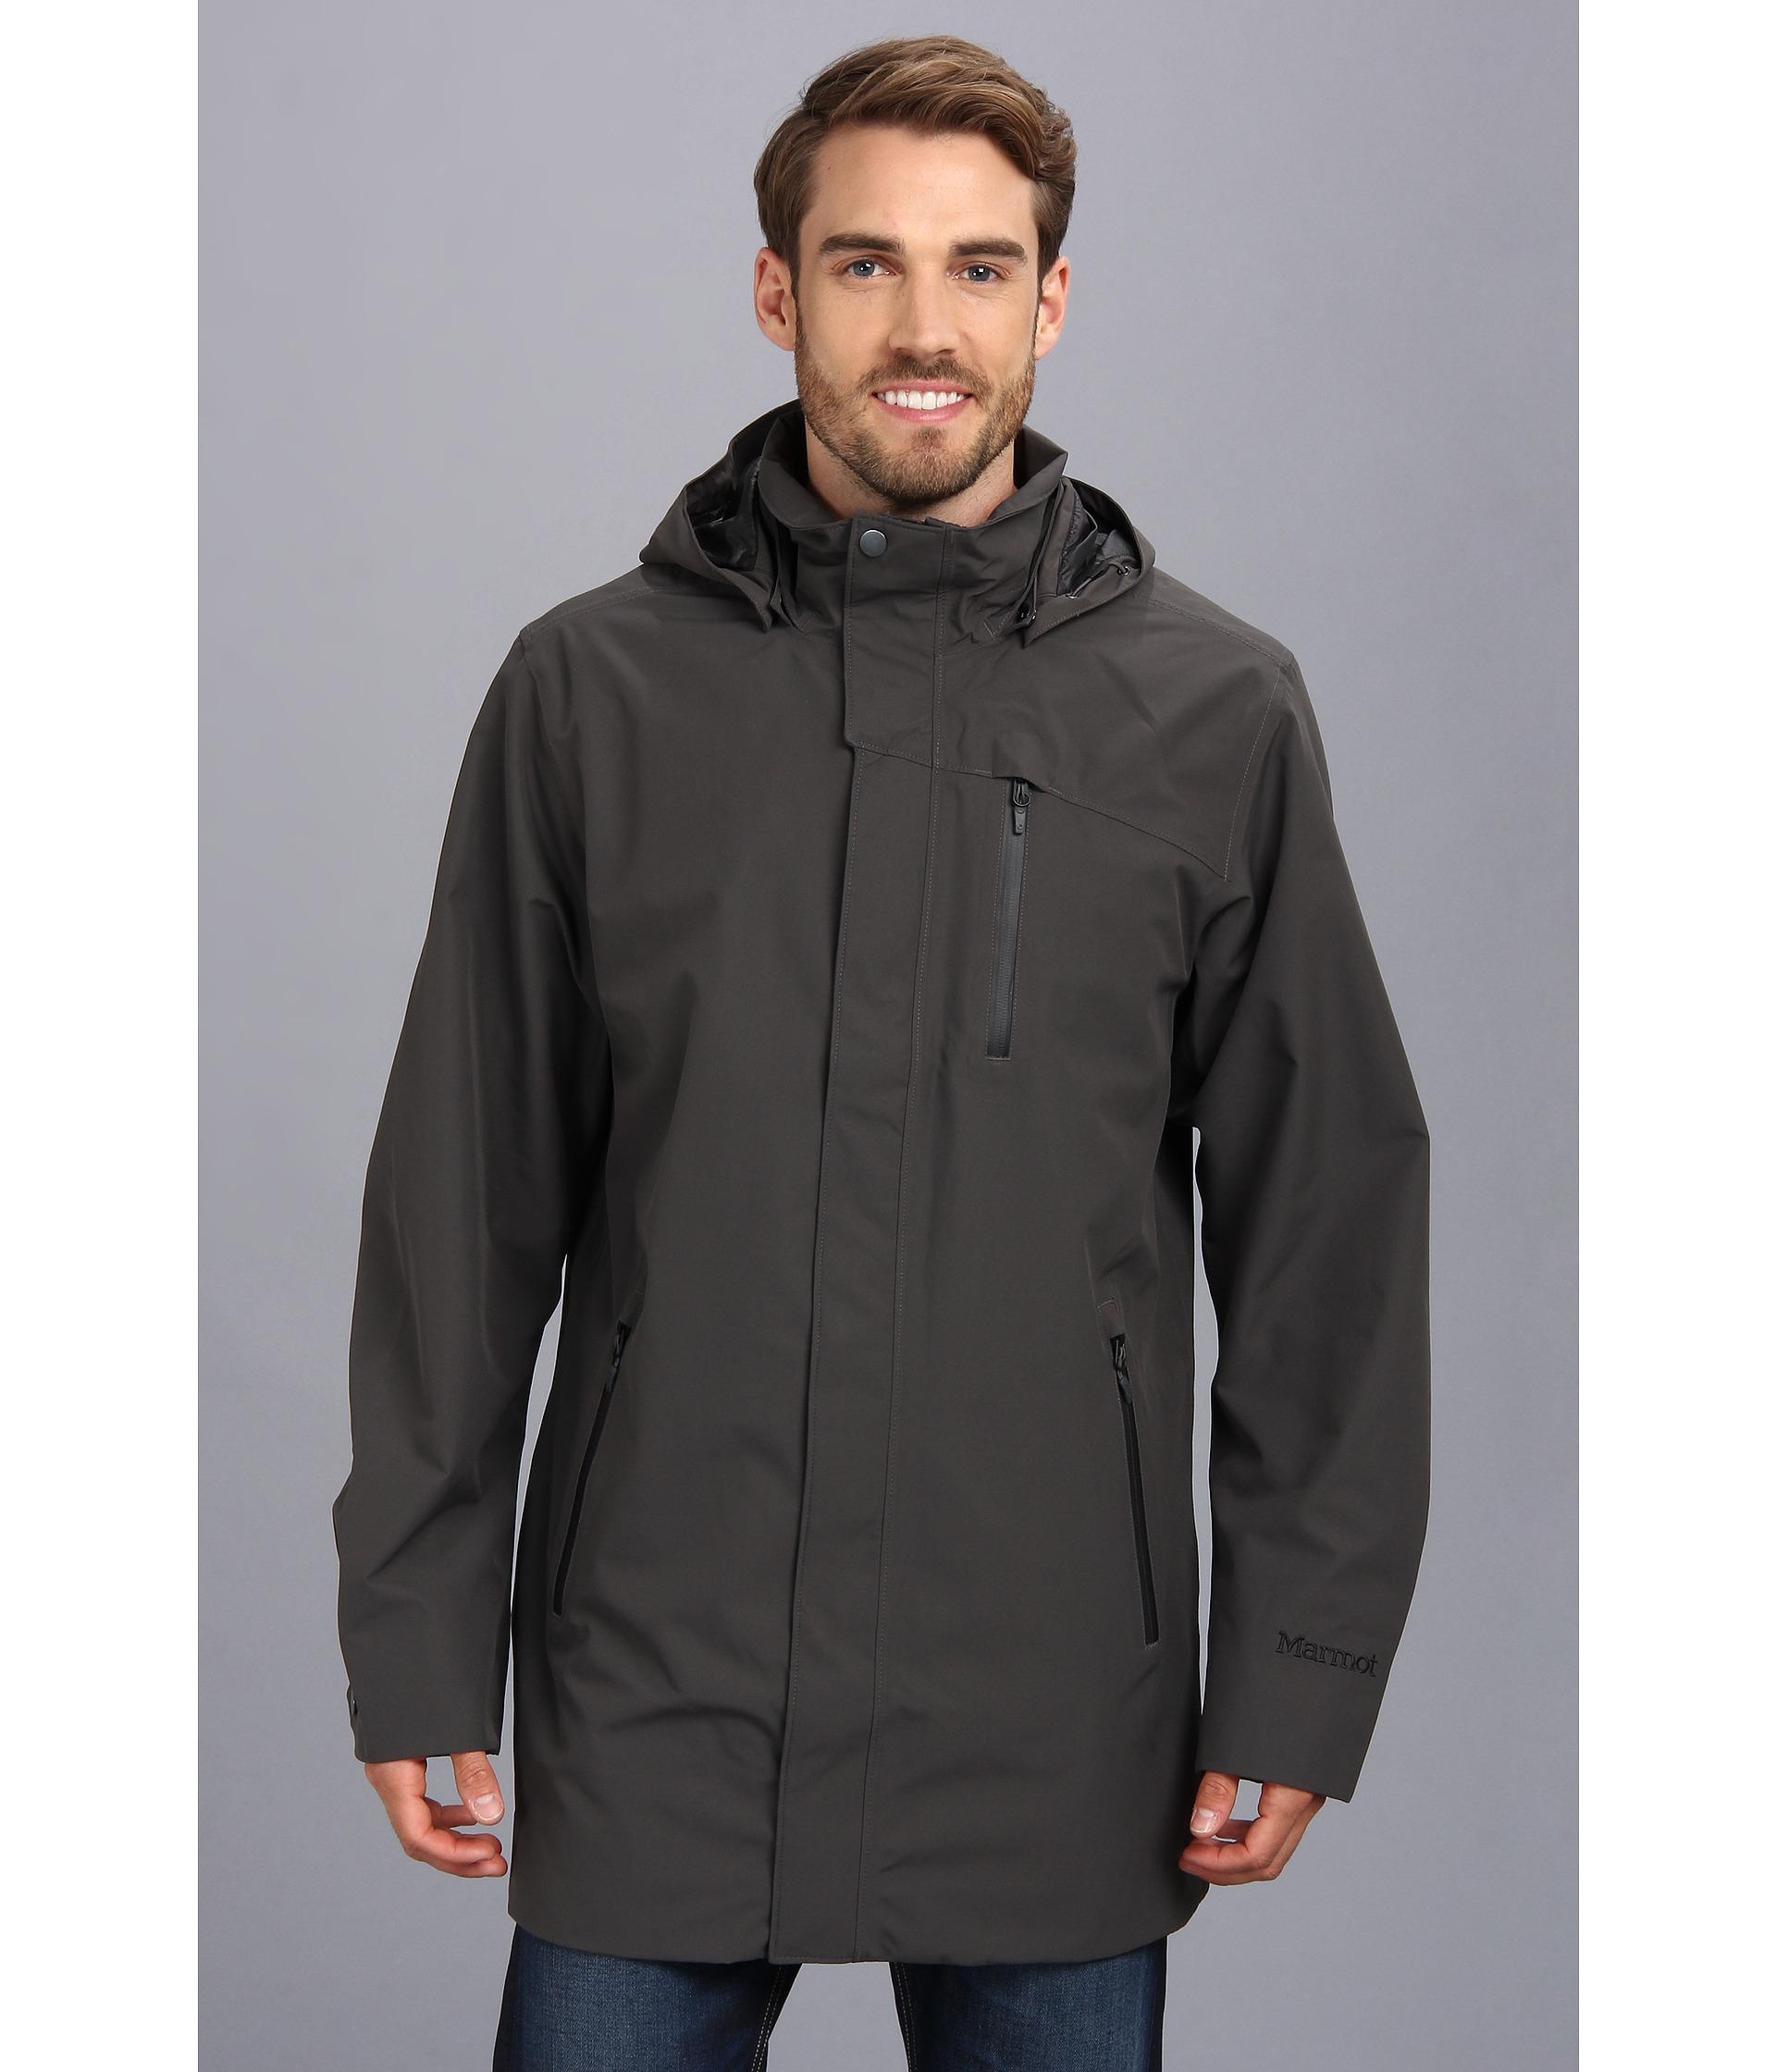 Marmot Traveler Jacket In Gray For Men Lyst